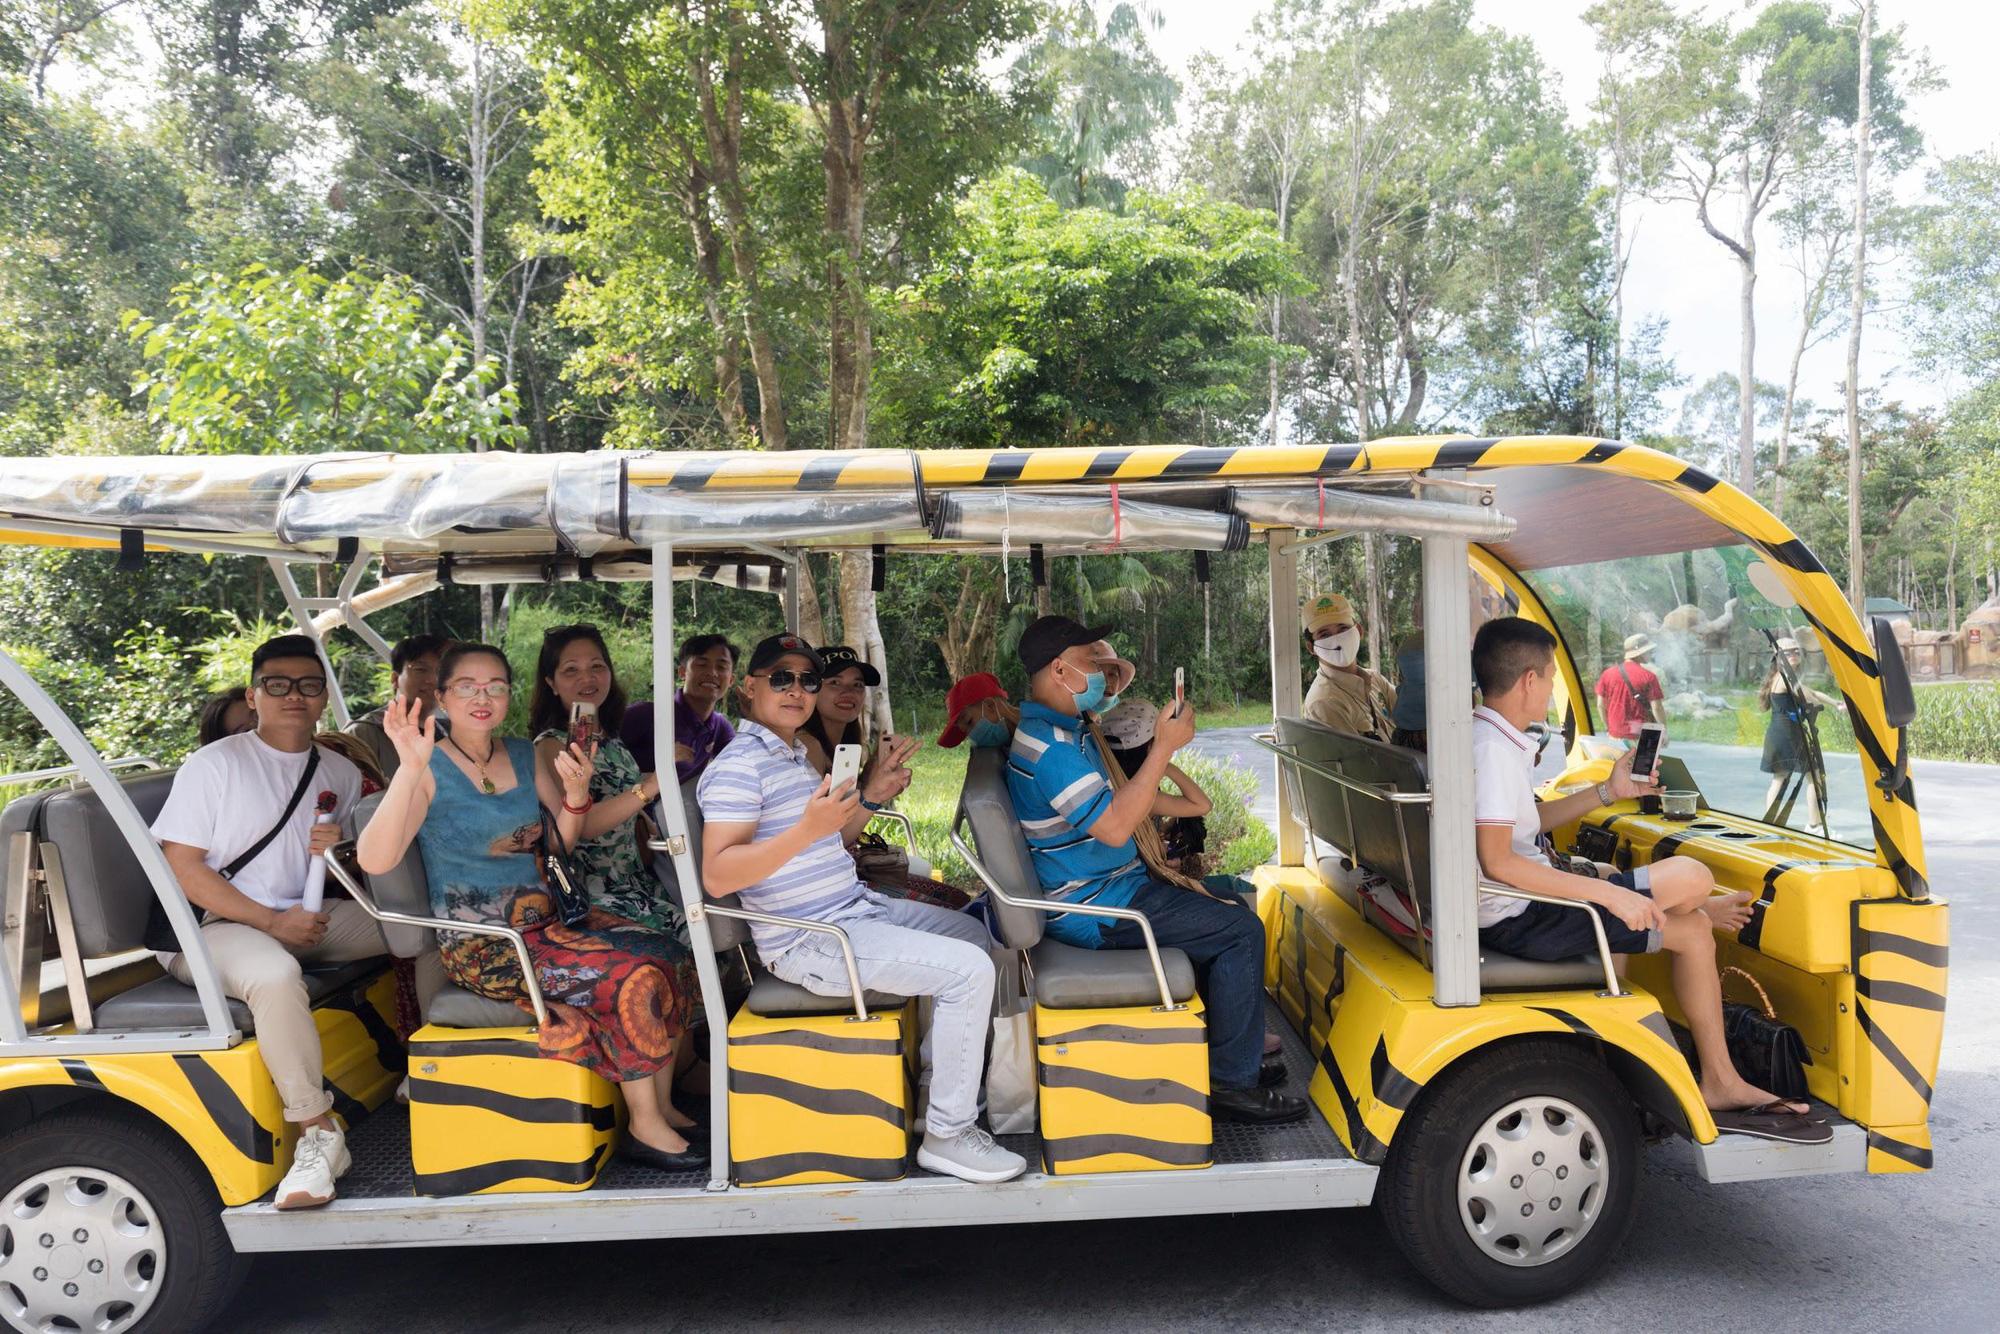 """Bộ ảnh """"chill"""" hết nấc của những người may mắn nhất được nhãn hàng bao trọn gói chuyến du lịch nghỉ dưỡng chanh sả tại resort 5 sao Vinpearl Phú Quốc - Ảnh 3."""